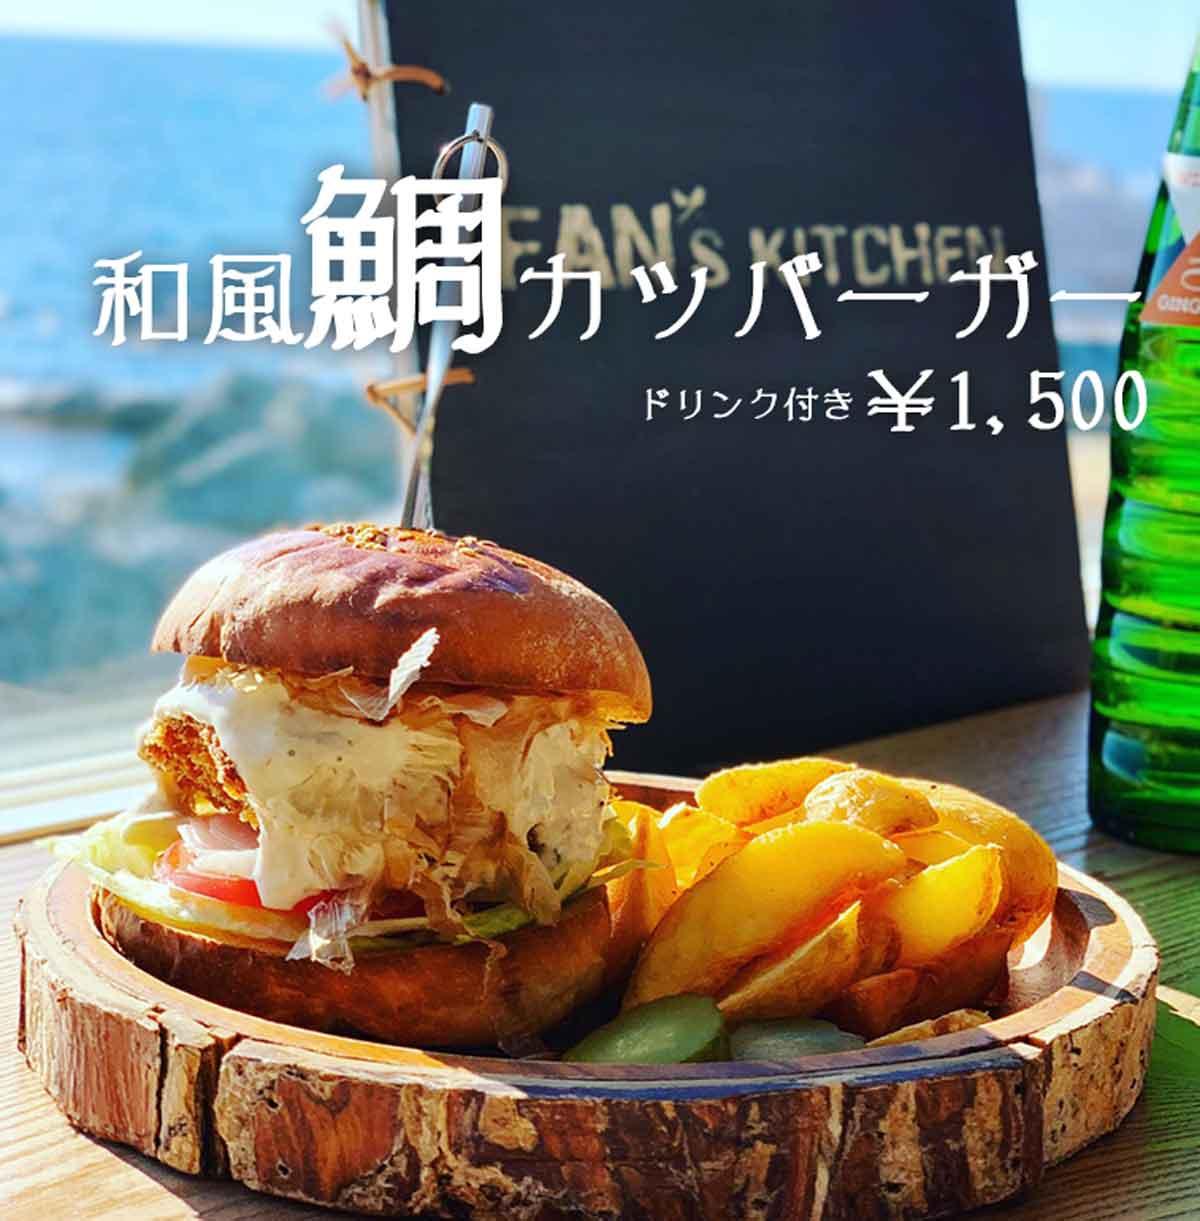 海と山に囲まれたファンズキッチンで食べるパスタは最高の一皿です。